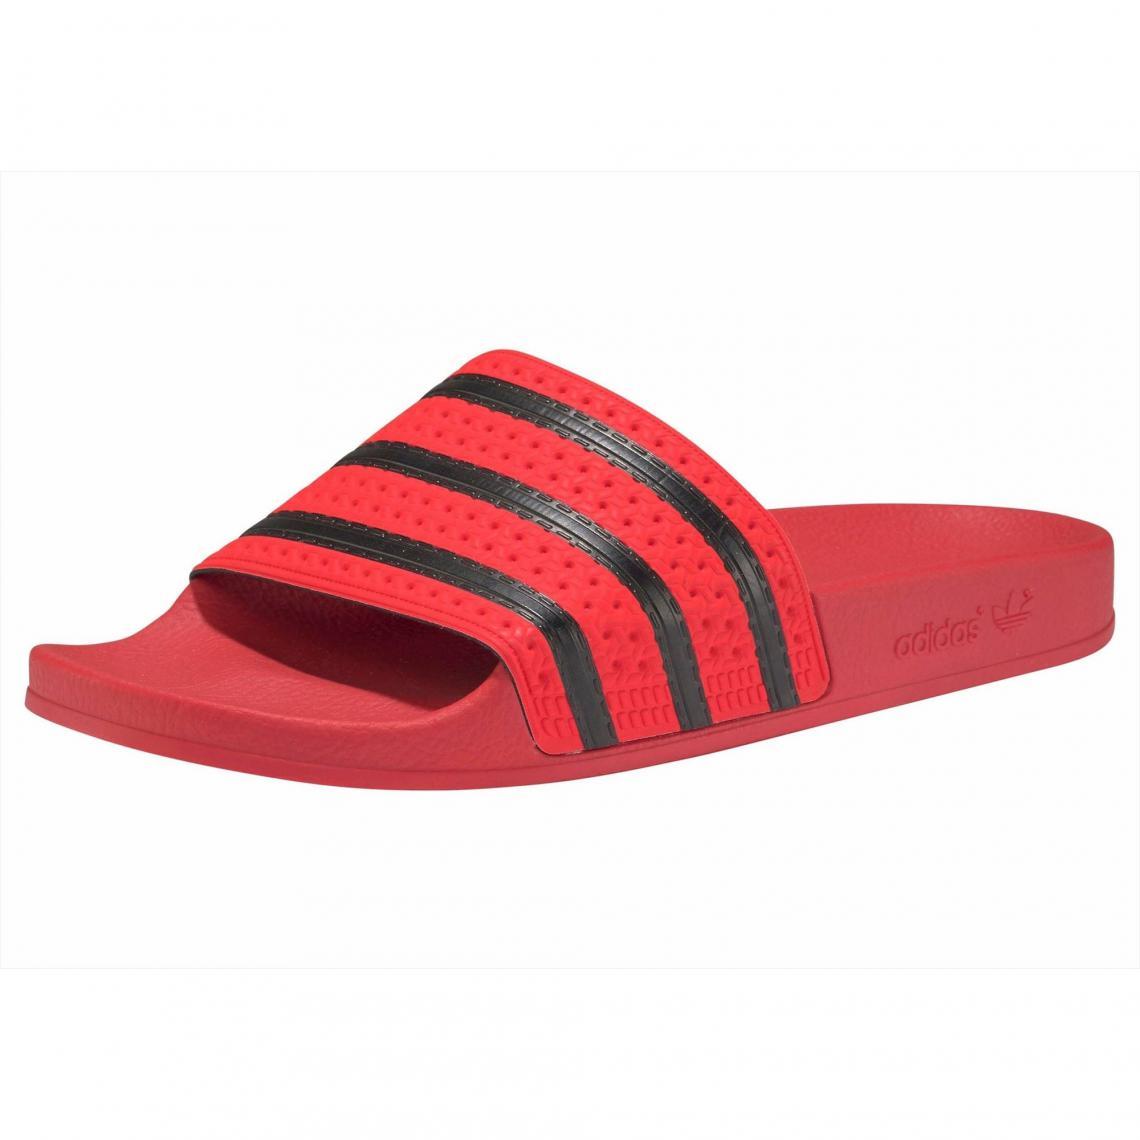 finest selection 2735a 3842a Mules ADILETTE adidas Originals - Rouge - Noir Adidas Originals Femme